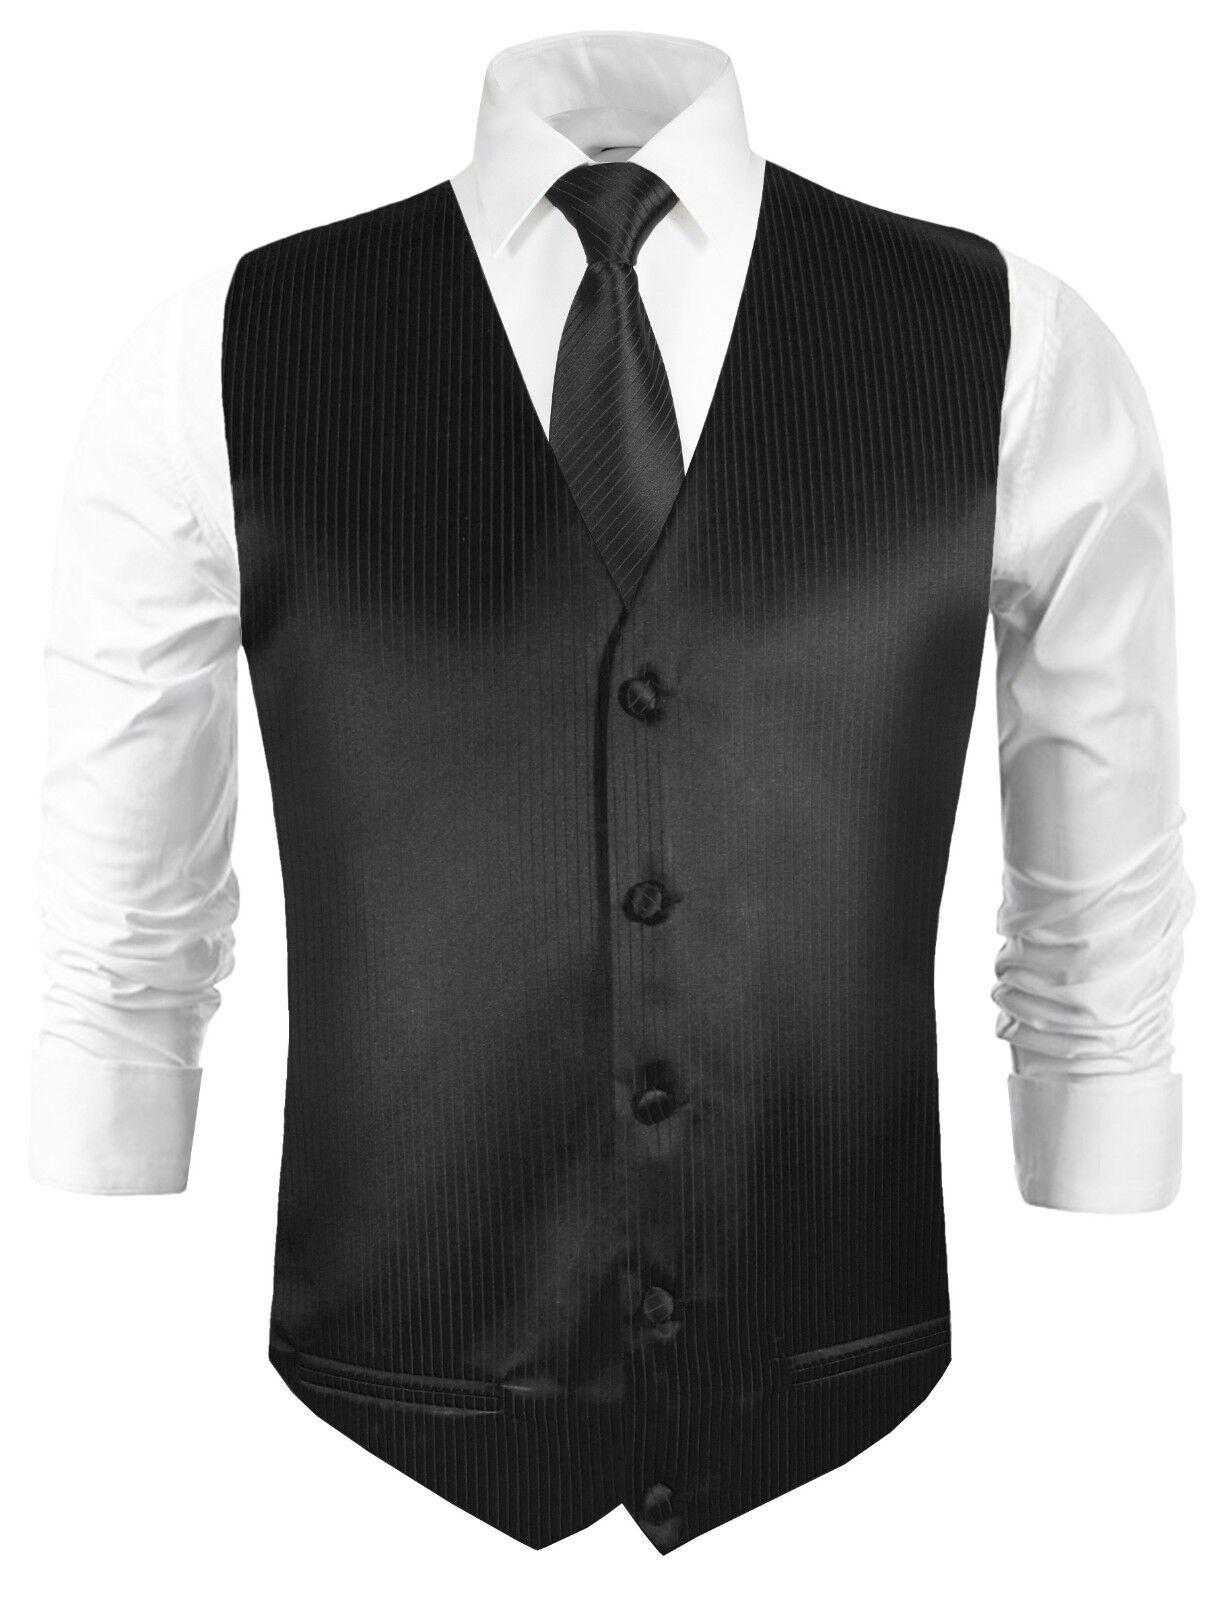 Paul Malone Hochzeitsweste mit Krawatte schwarz uni gestreift v21